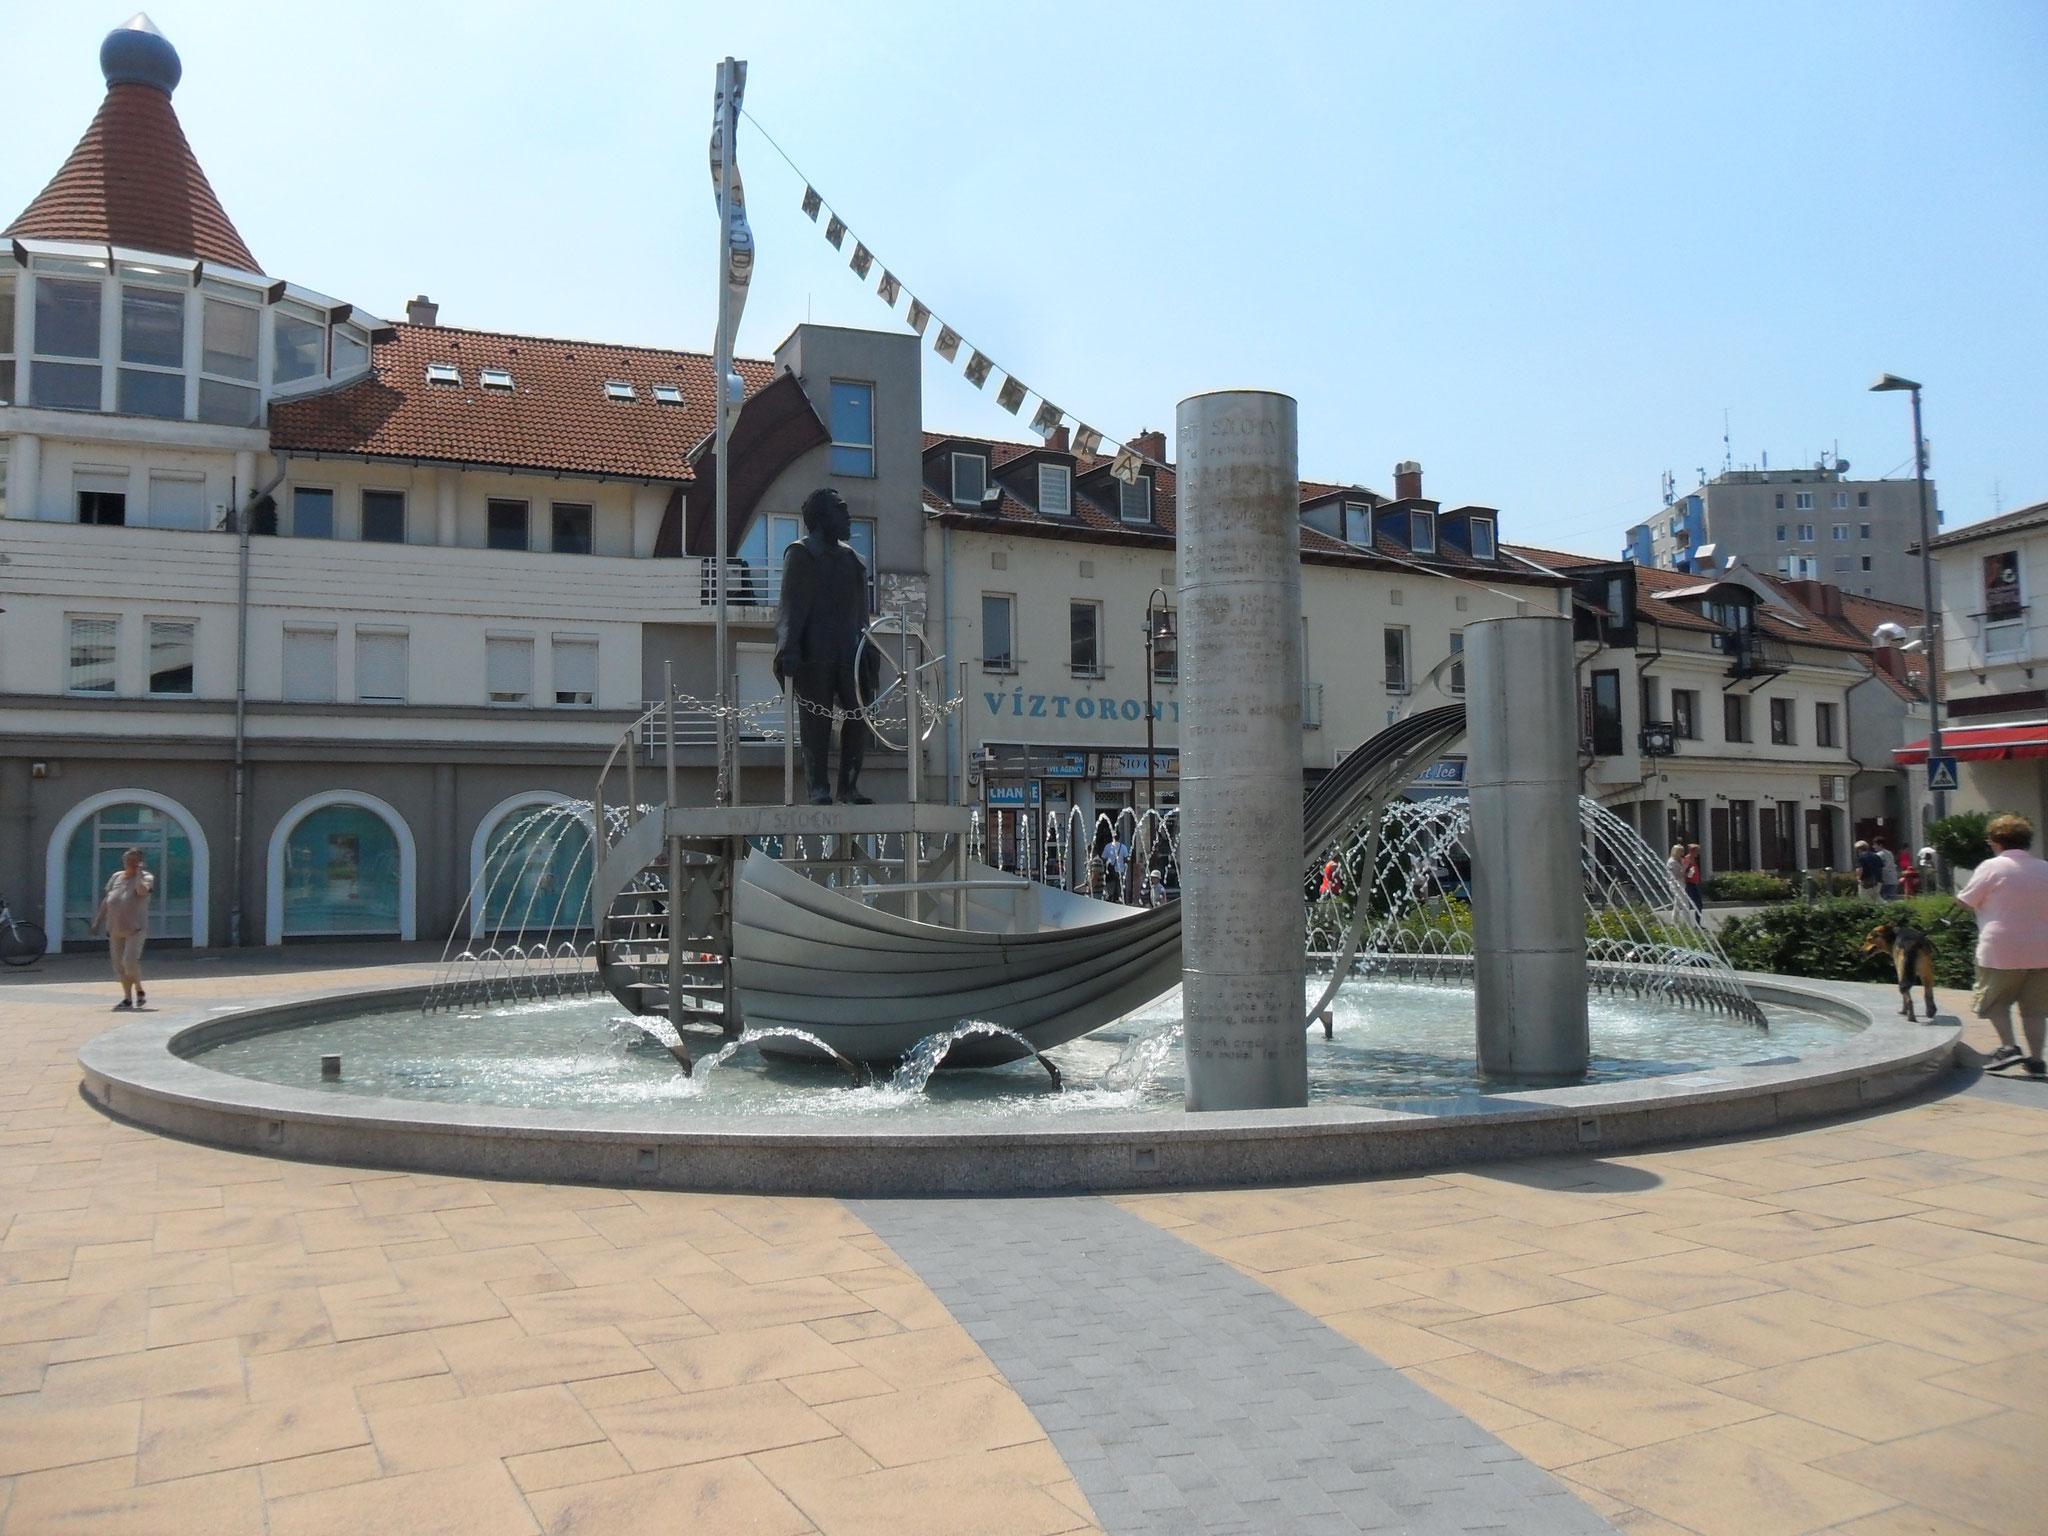 Ein Brunnen im Zentrum der Stadt